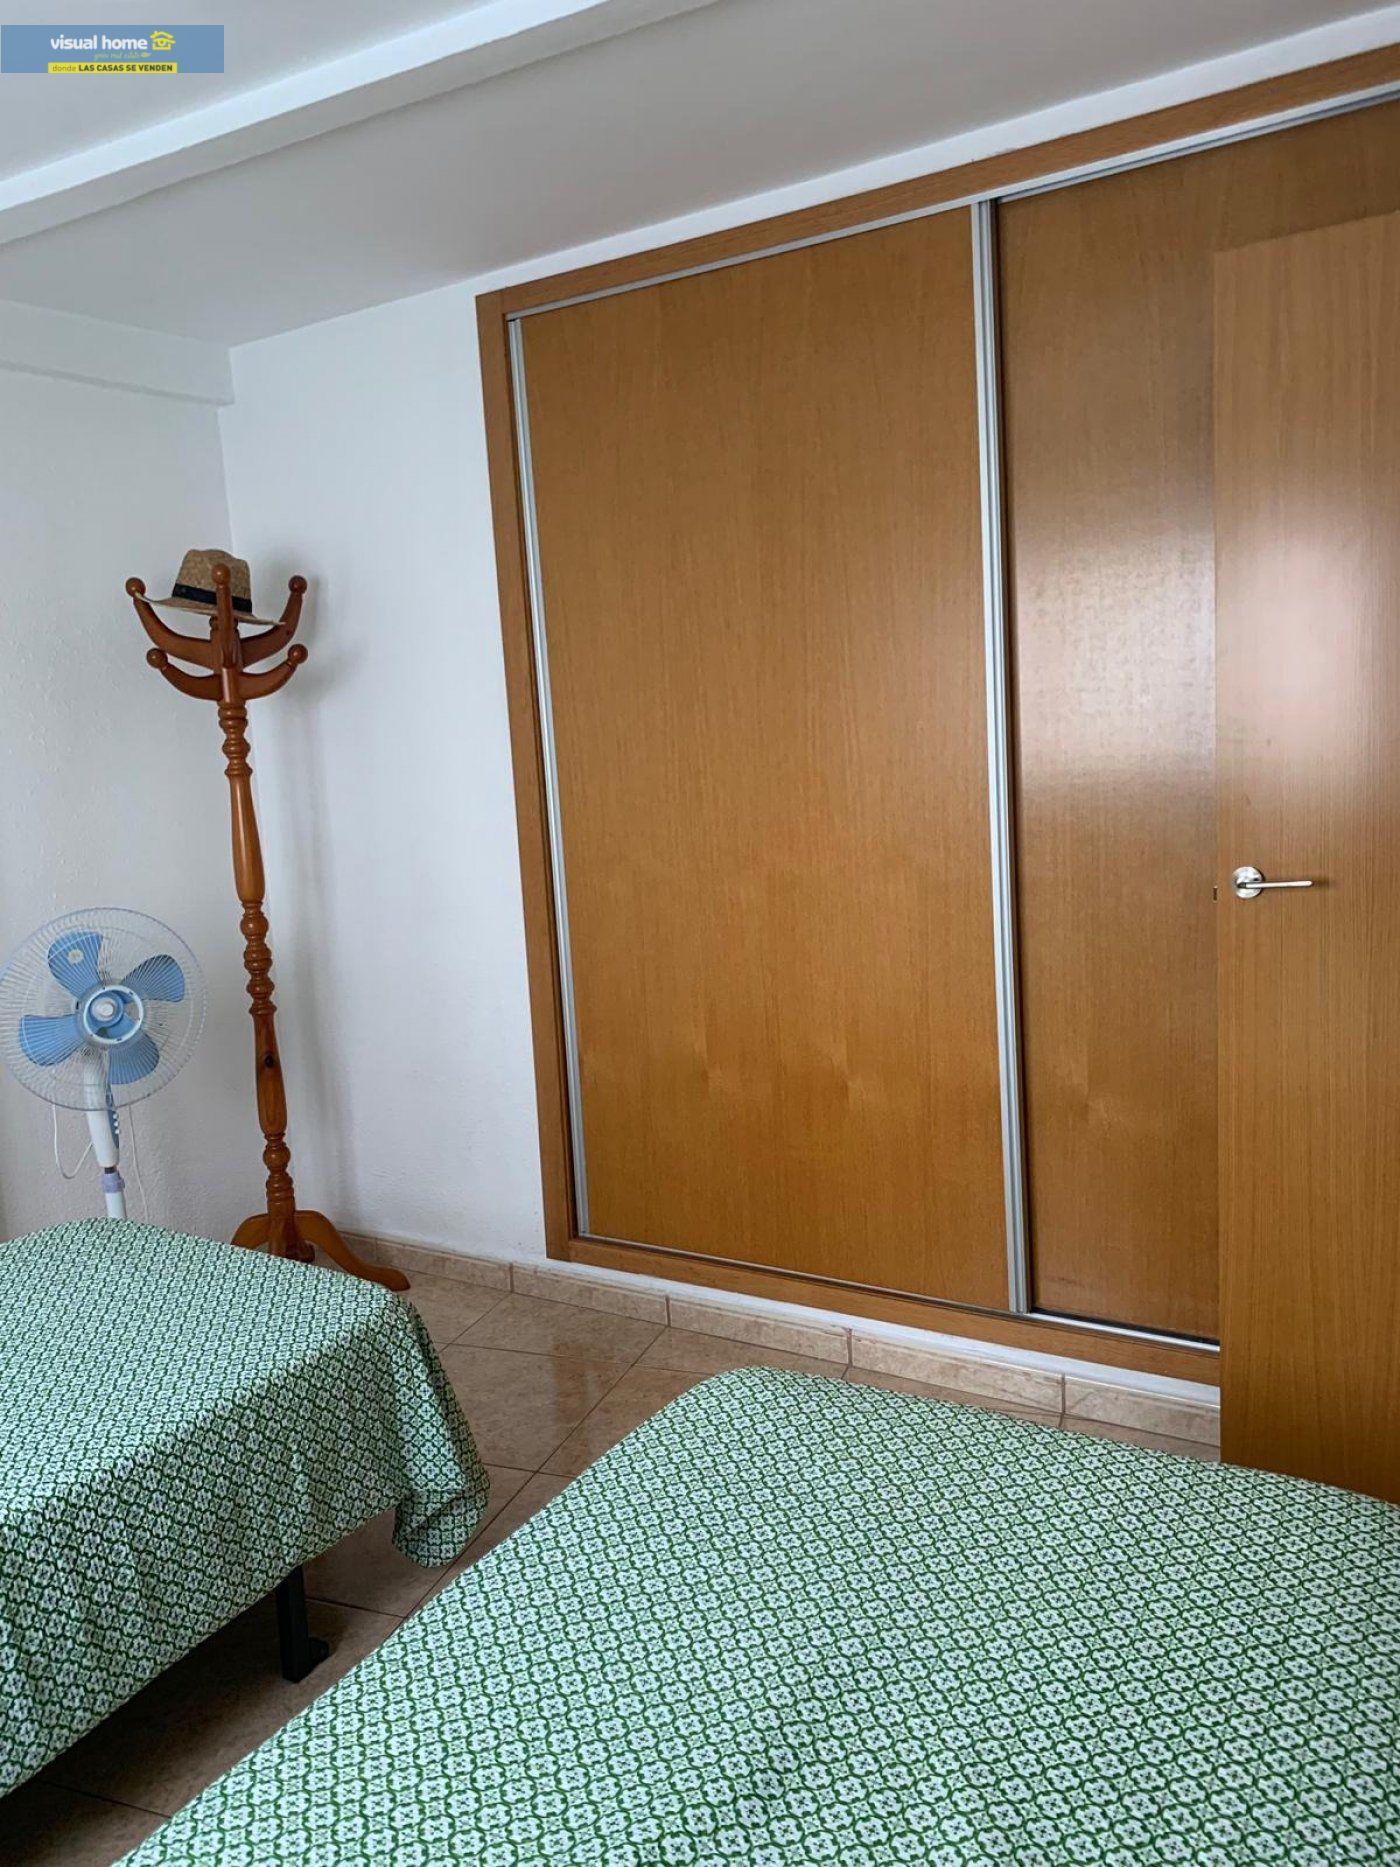 Espectacular apartamento de 2 dormitorios, 2 baños con parking en 1ª línea playa de Levante 18